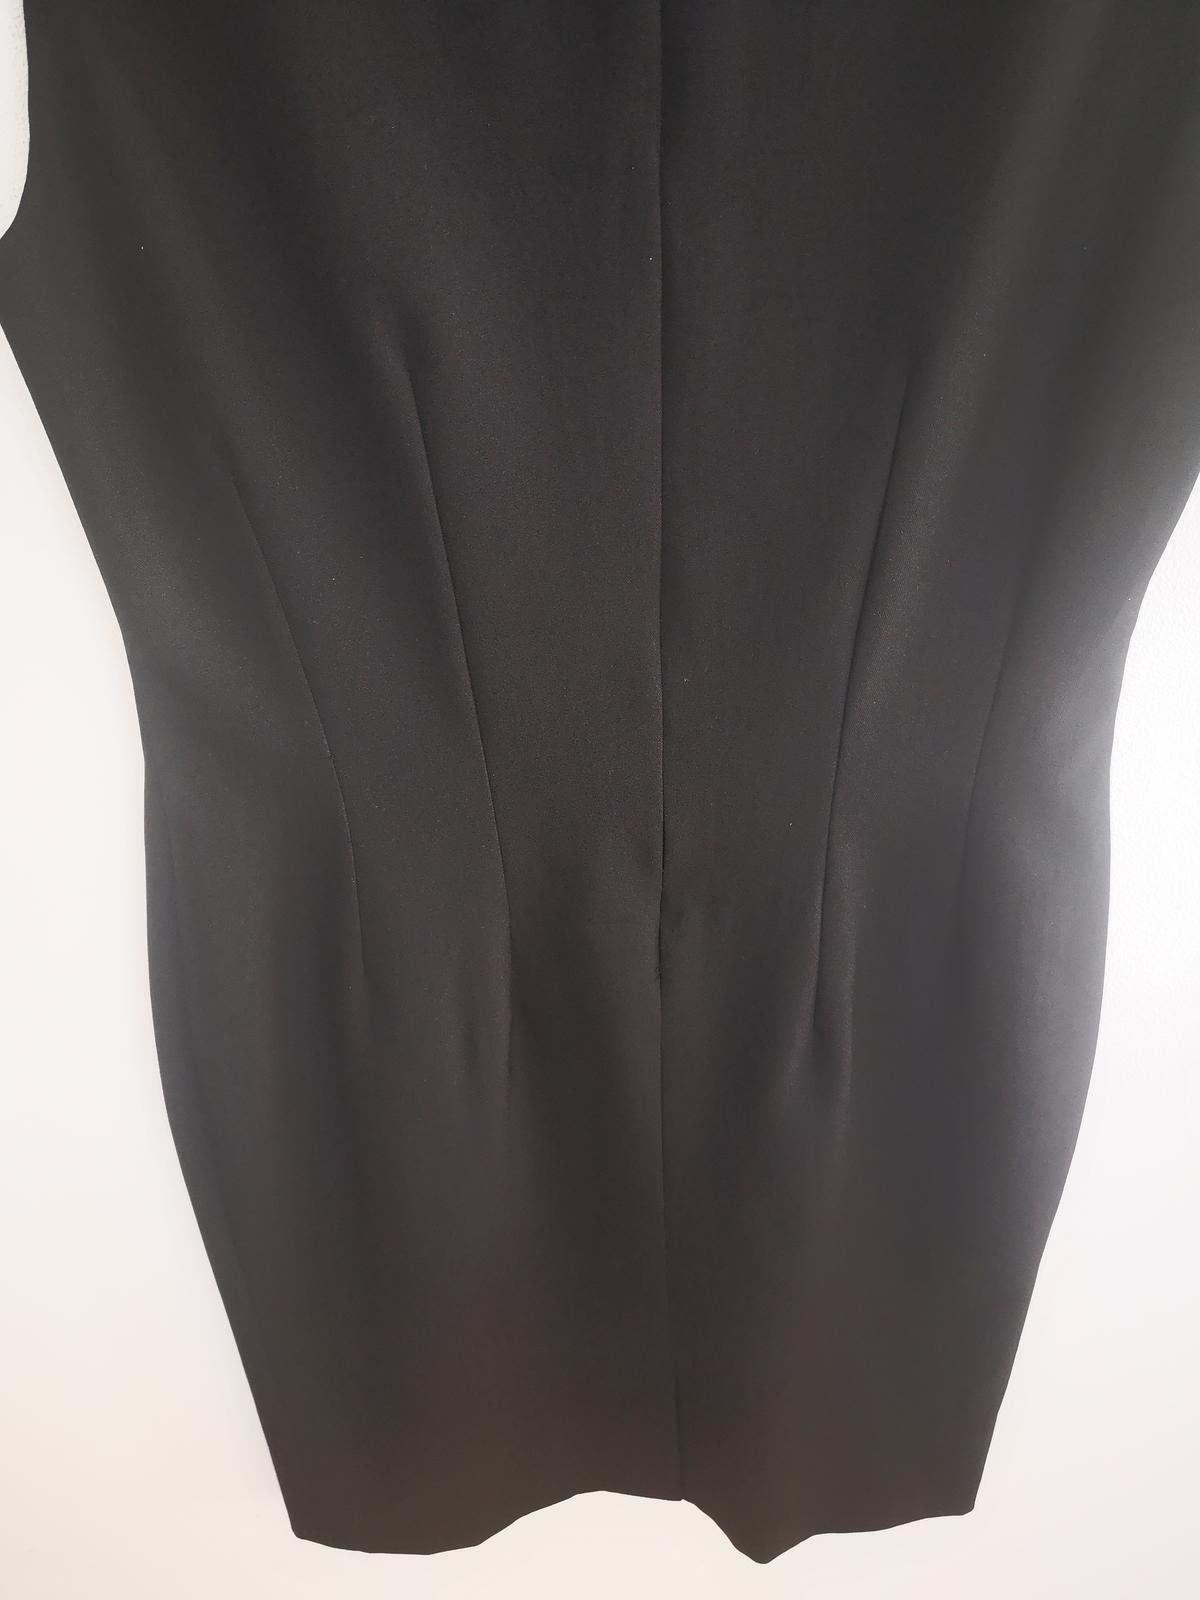 černé šaty - Obrázek č. 1